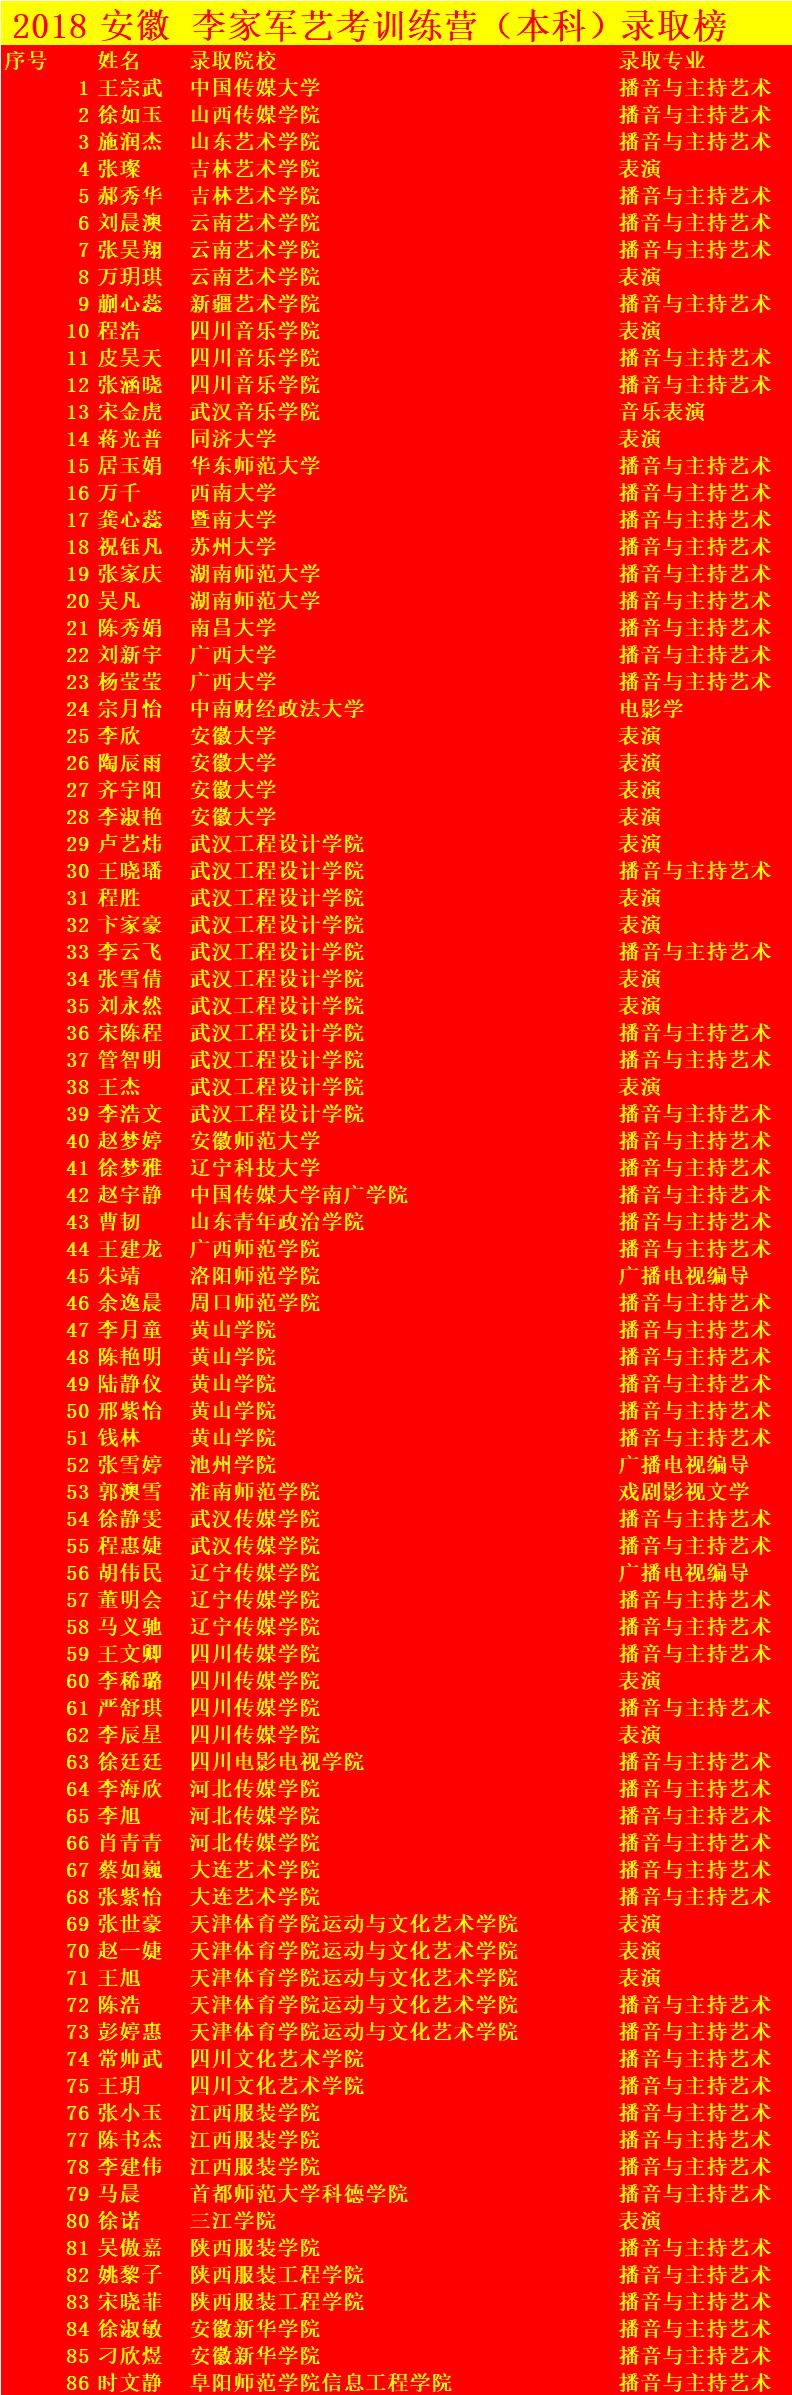 关于举办安徽李家军艺术教育第七届学友交流会 暨安徽李家军艺考训练营2018艺考庆功宴的通知